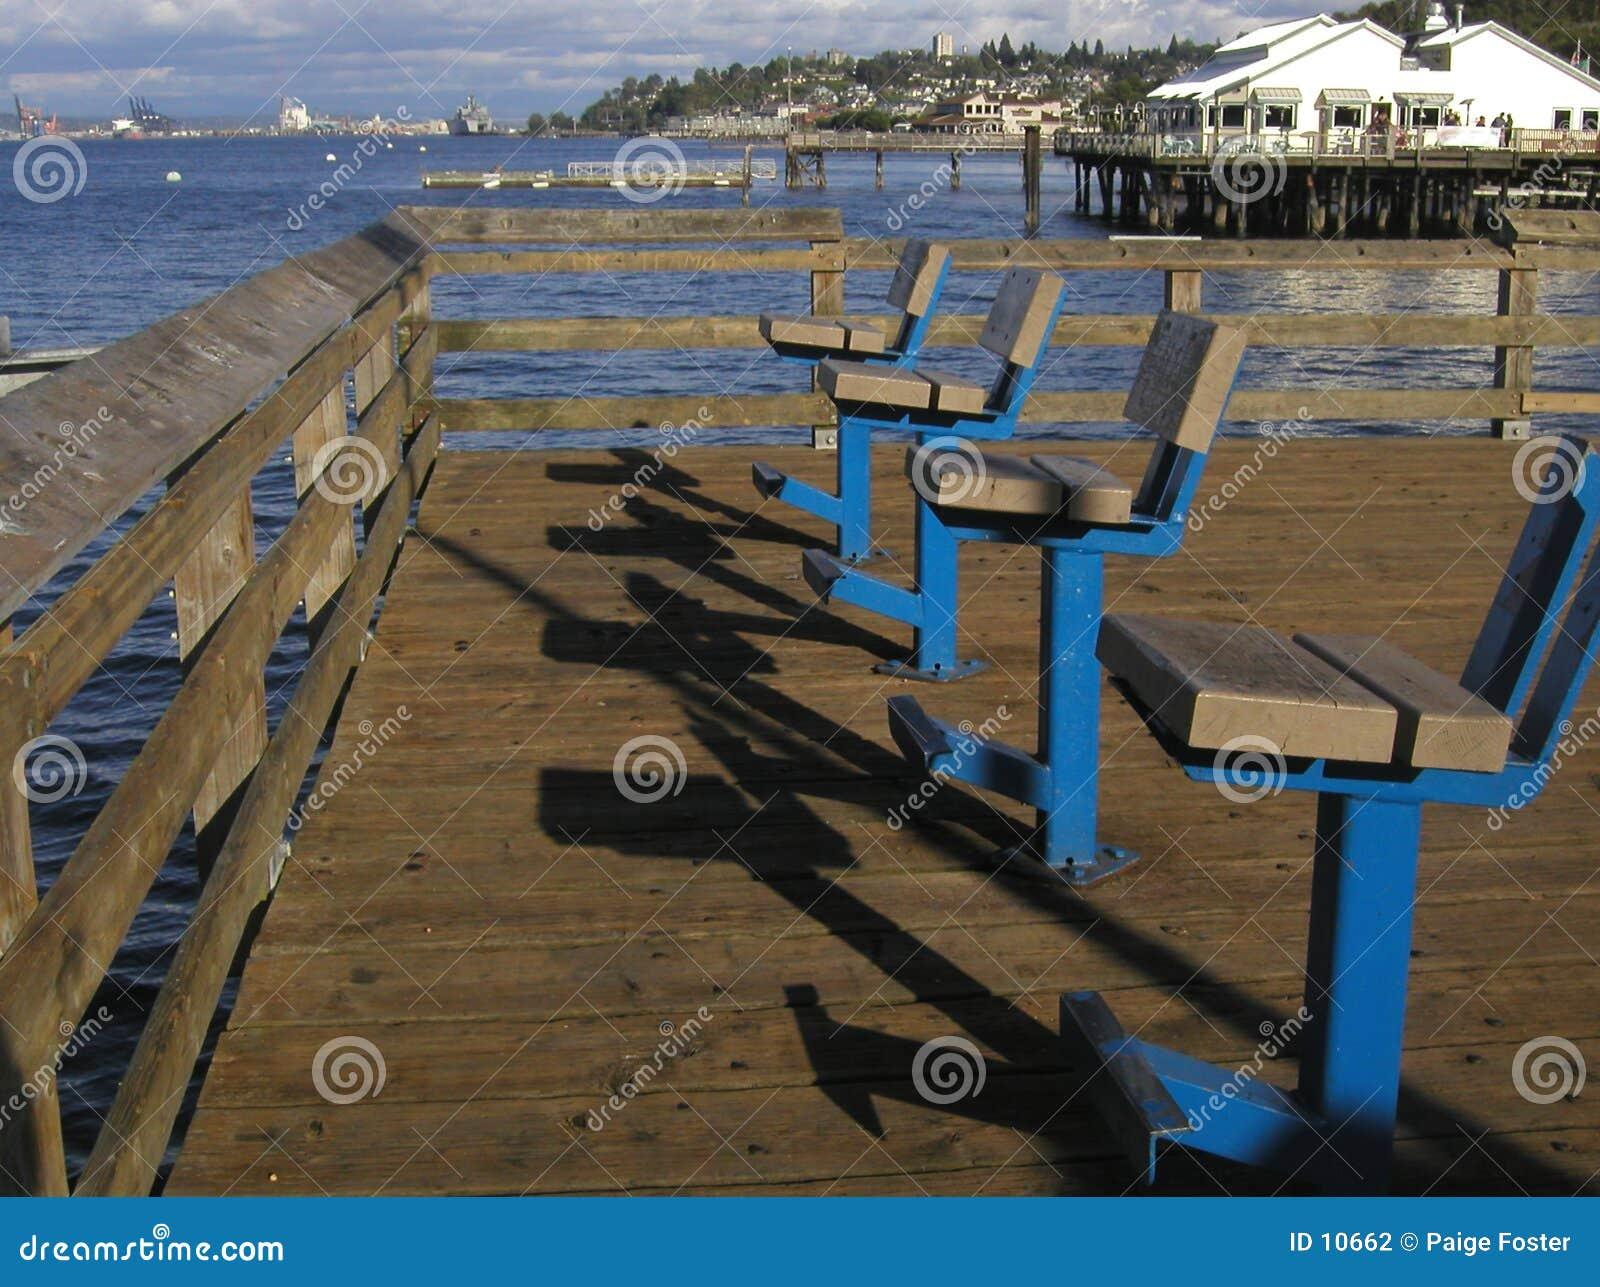 Siedzenia dla rybaków